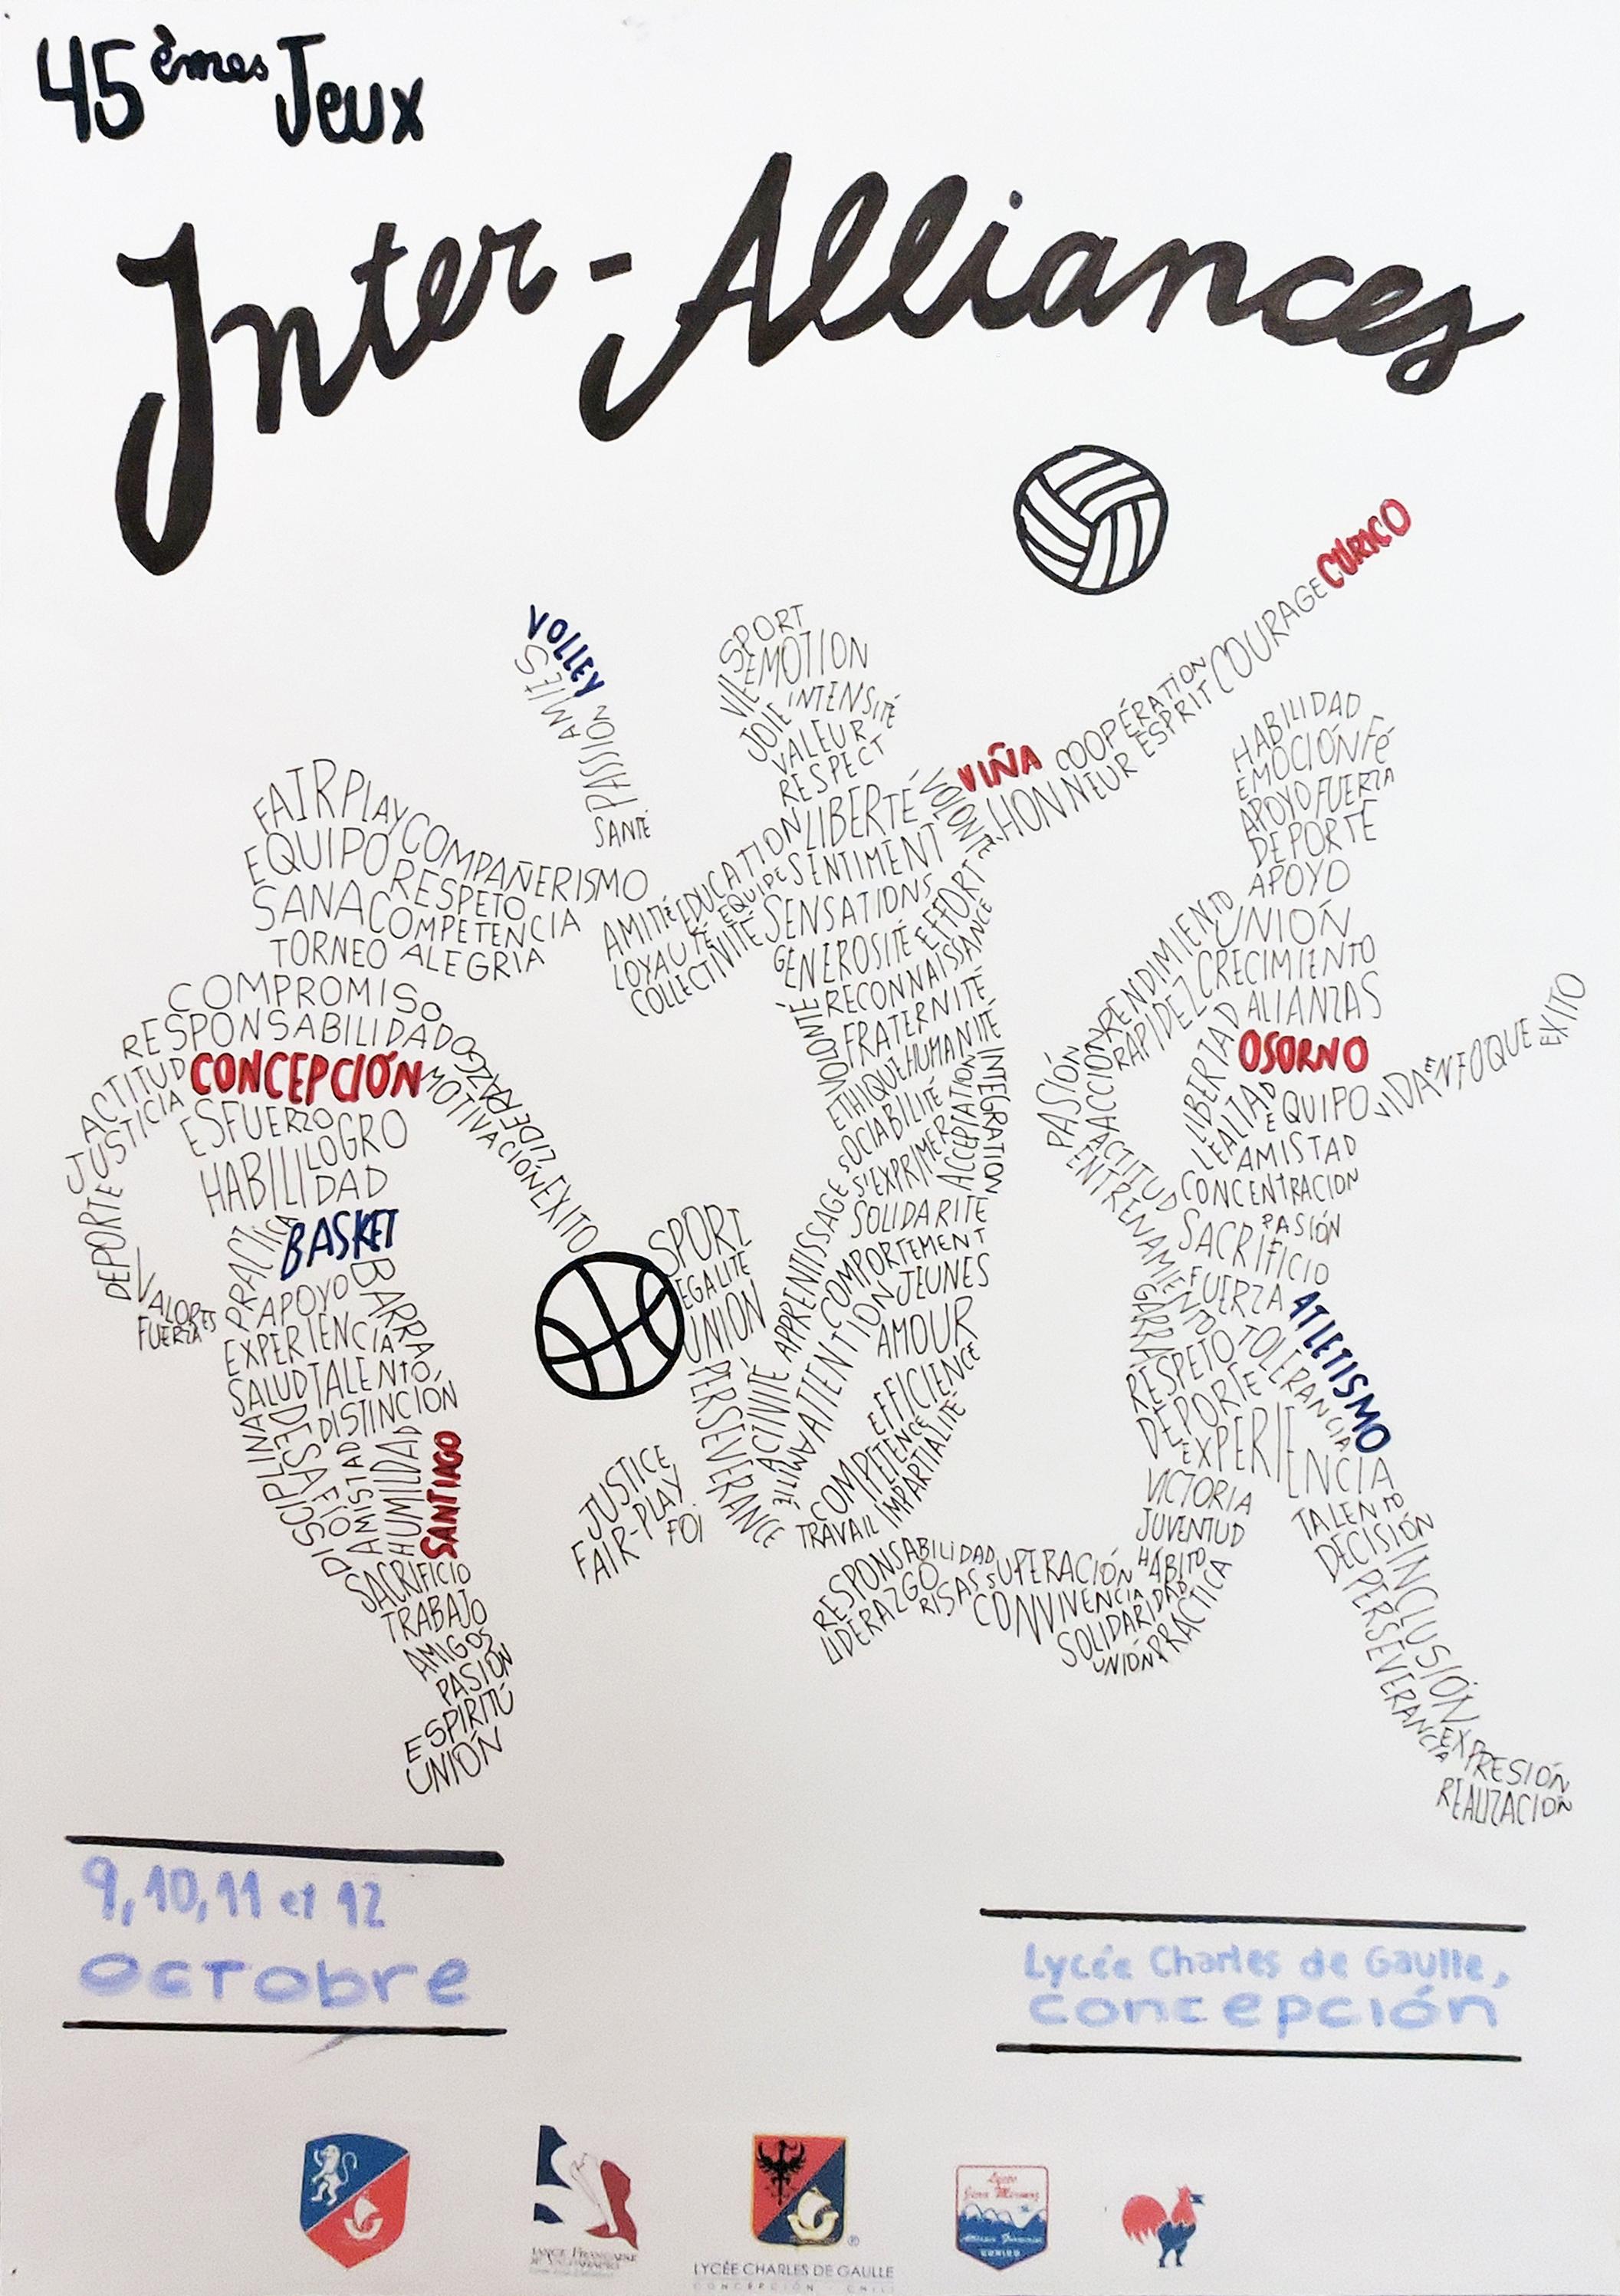 Resultado del concurso de afiches de los XLV Juegos Inter Alianzas